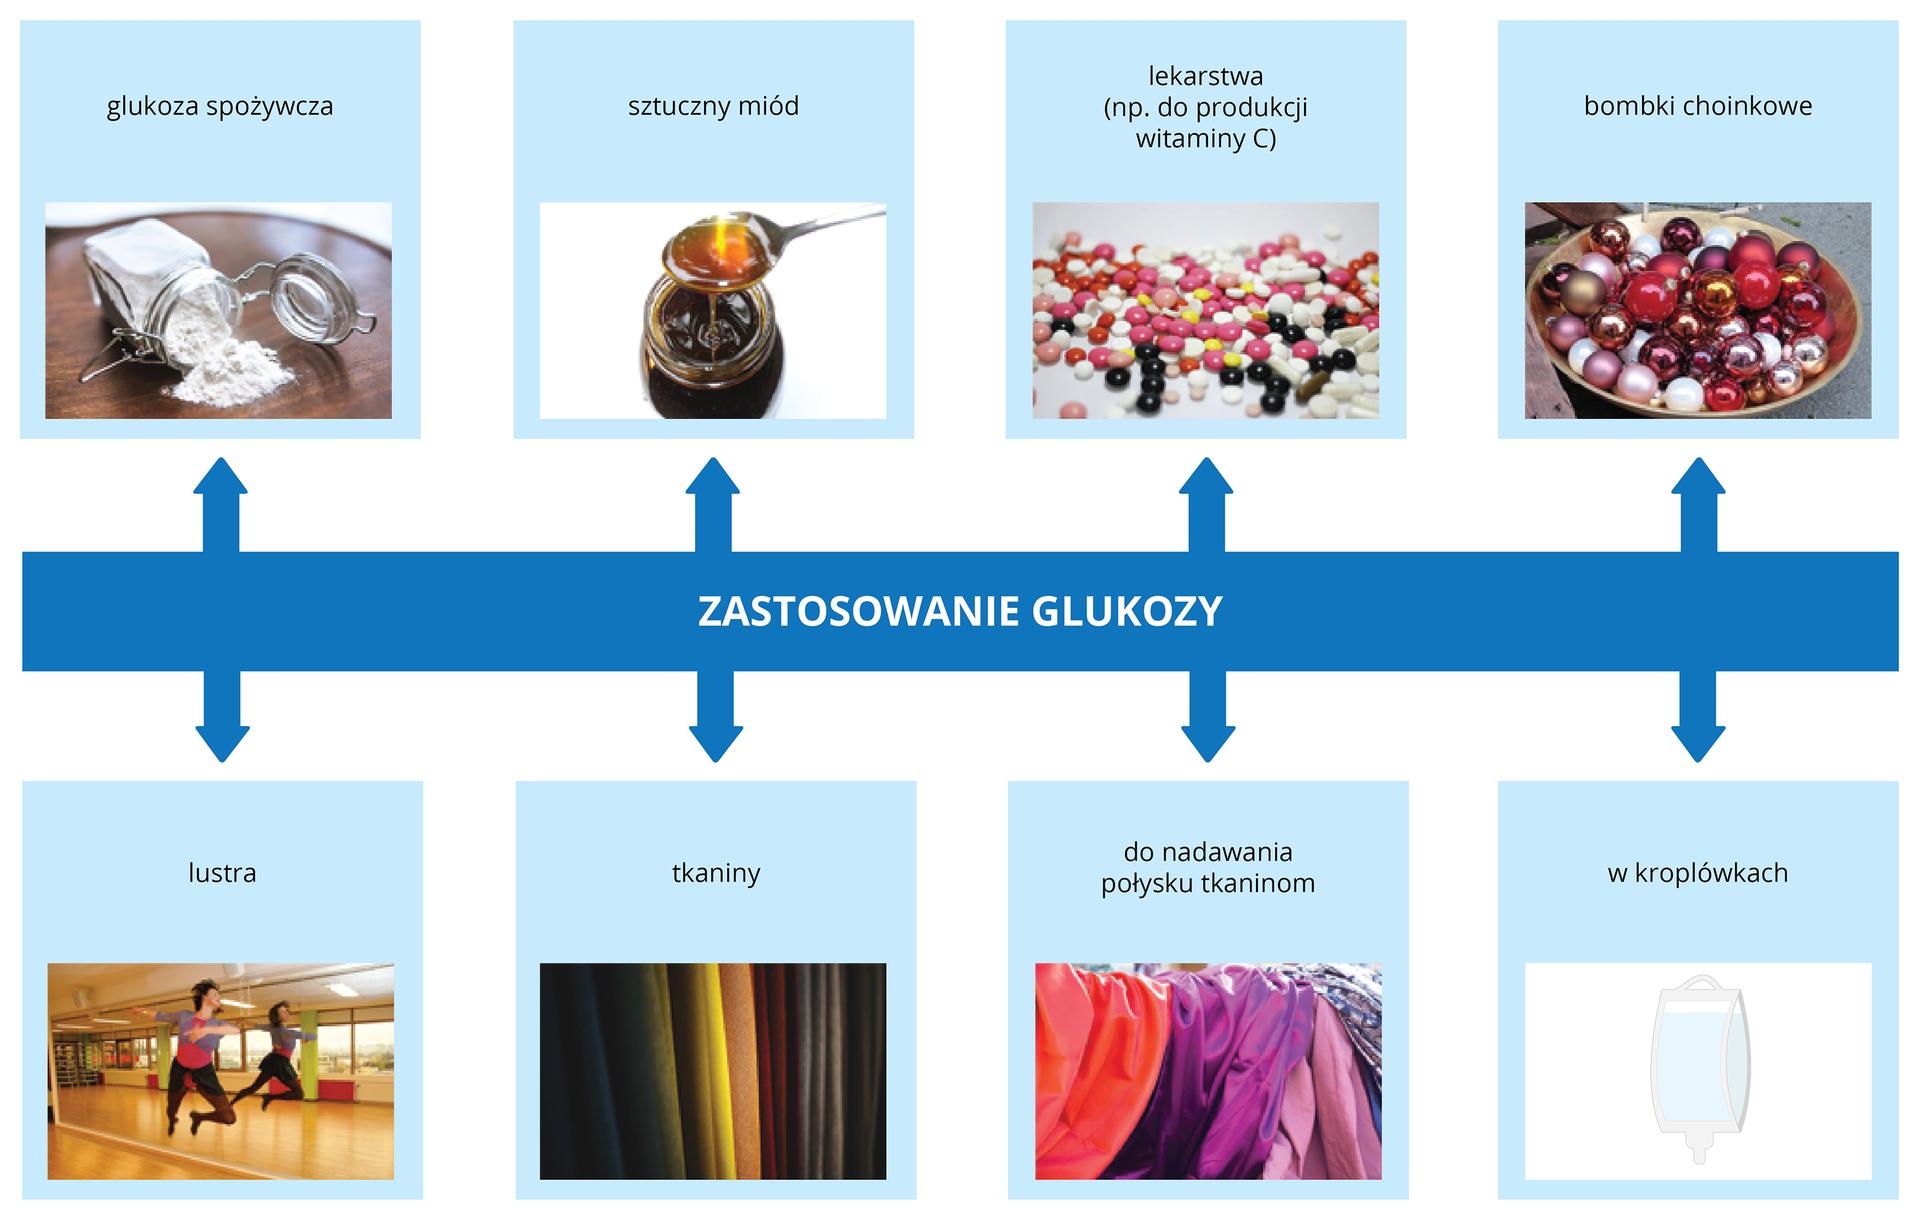 Zastosowanie glukozy